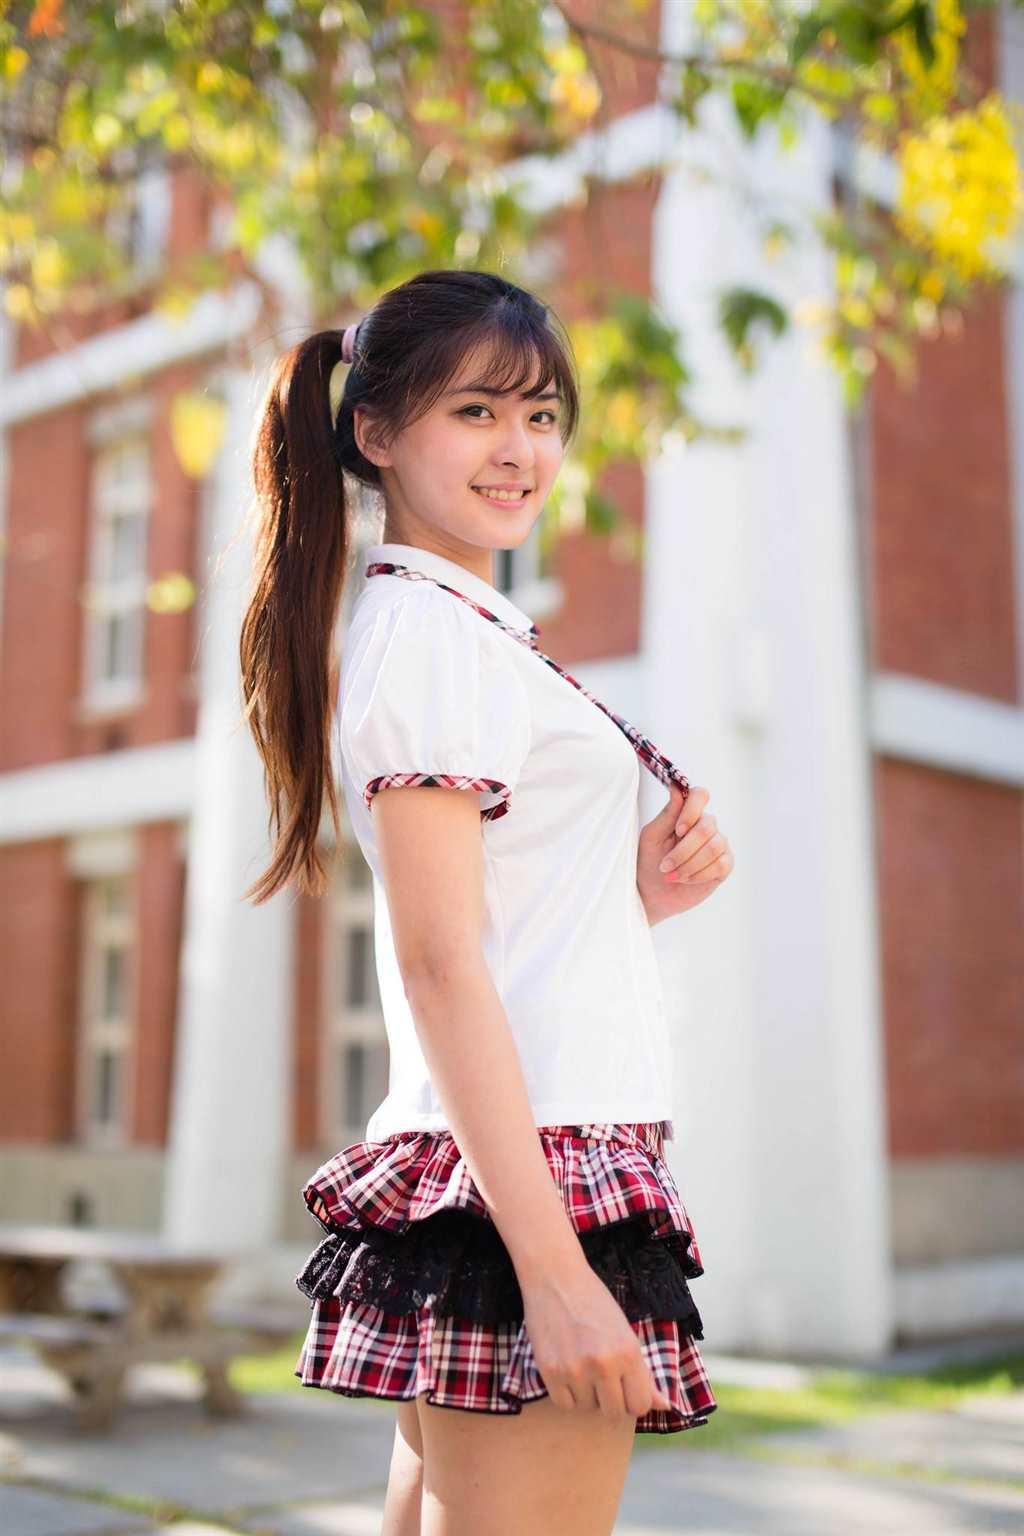 校花美女校园制服清纯诱惑图片(点击浏览下一张趣图)